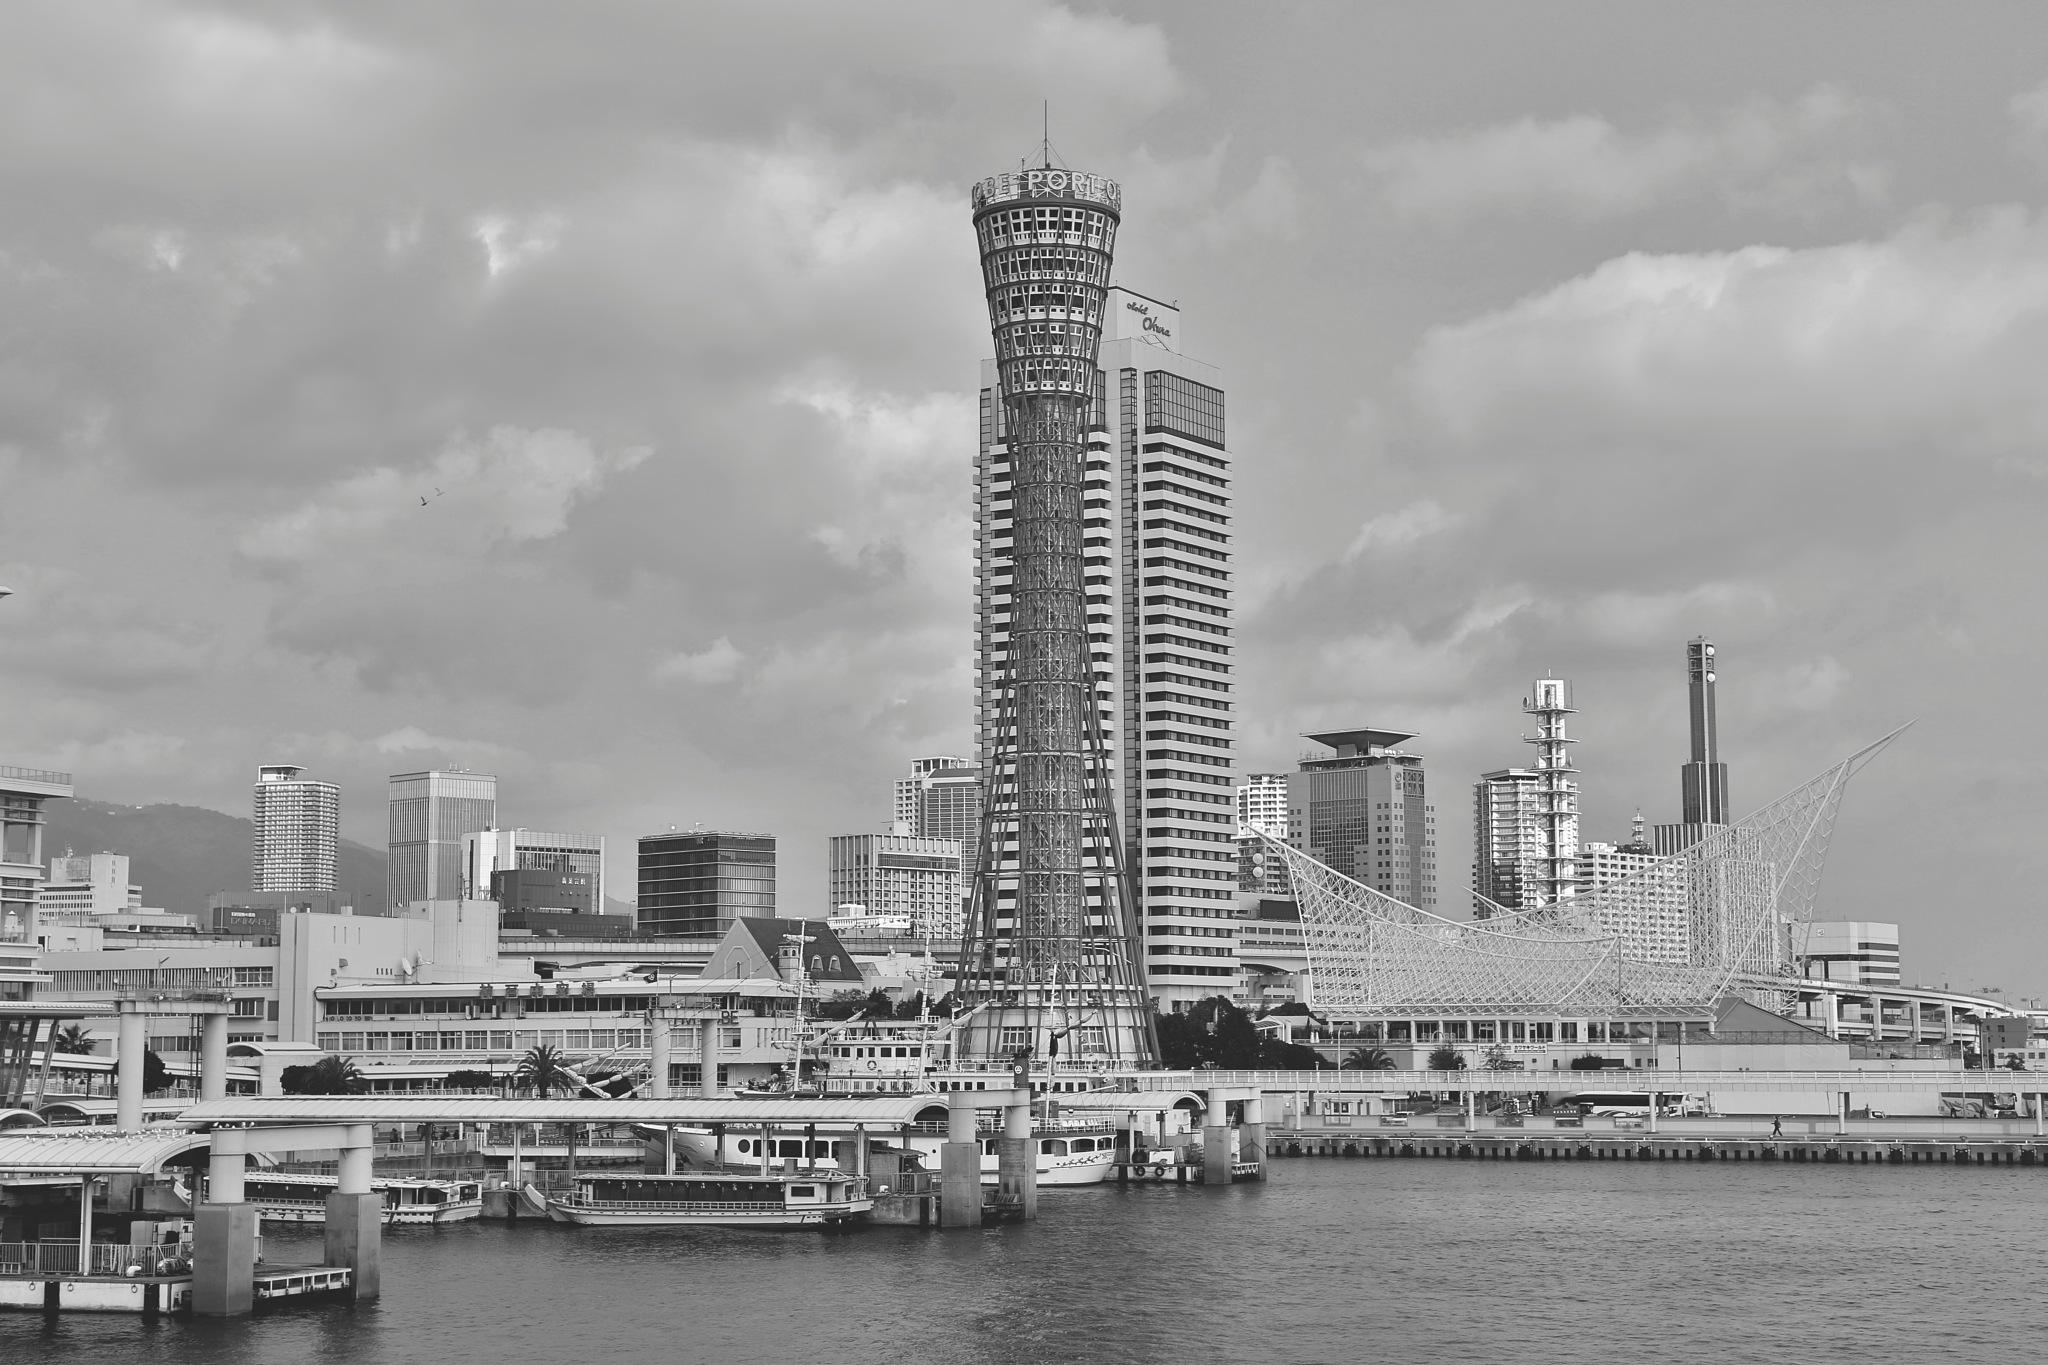 Kobe Port Tower by visbimmer79